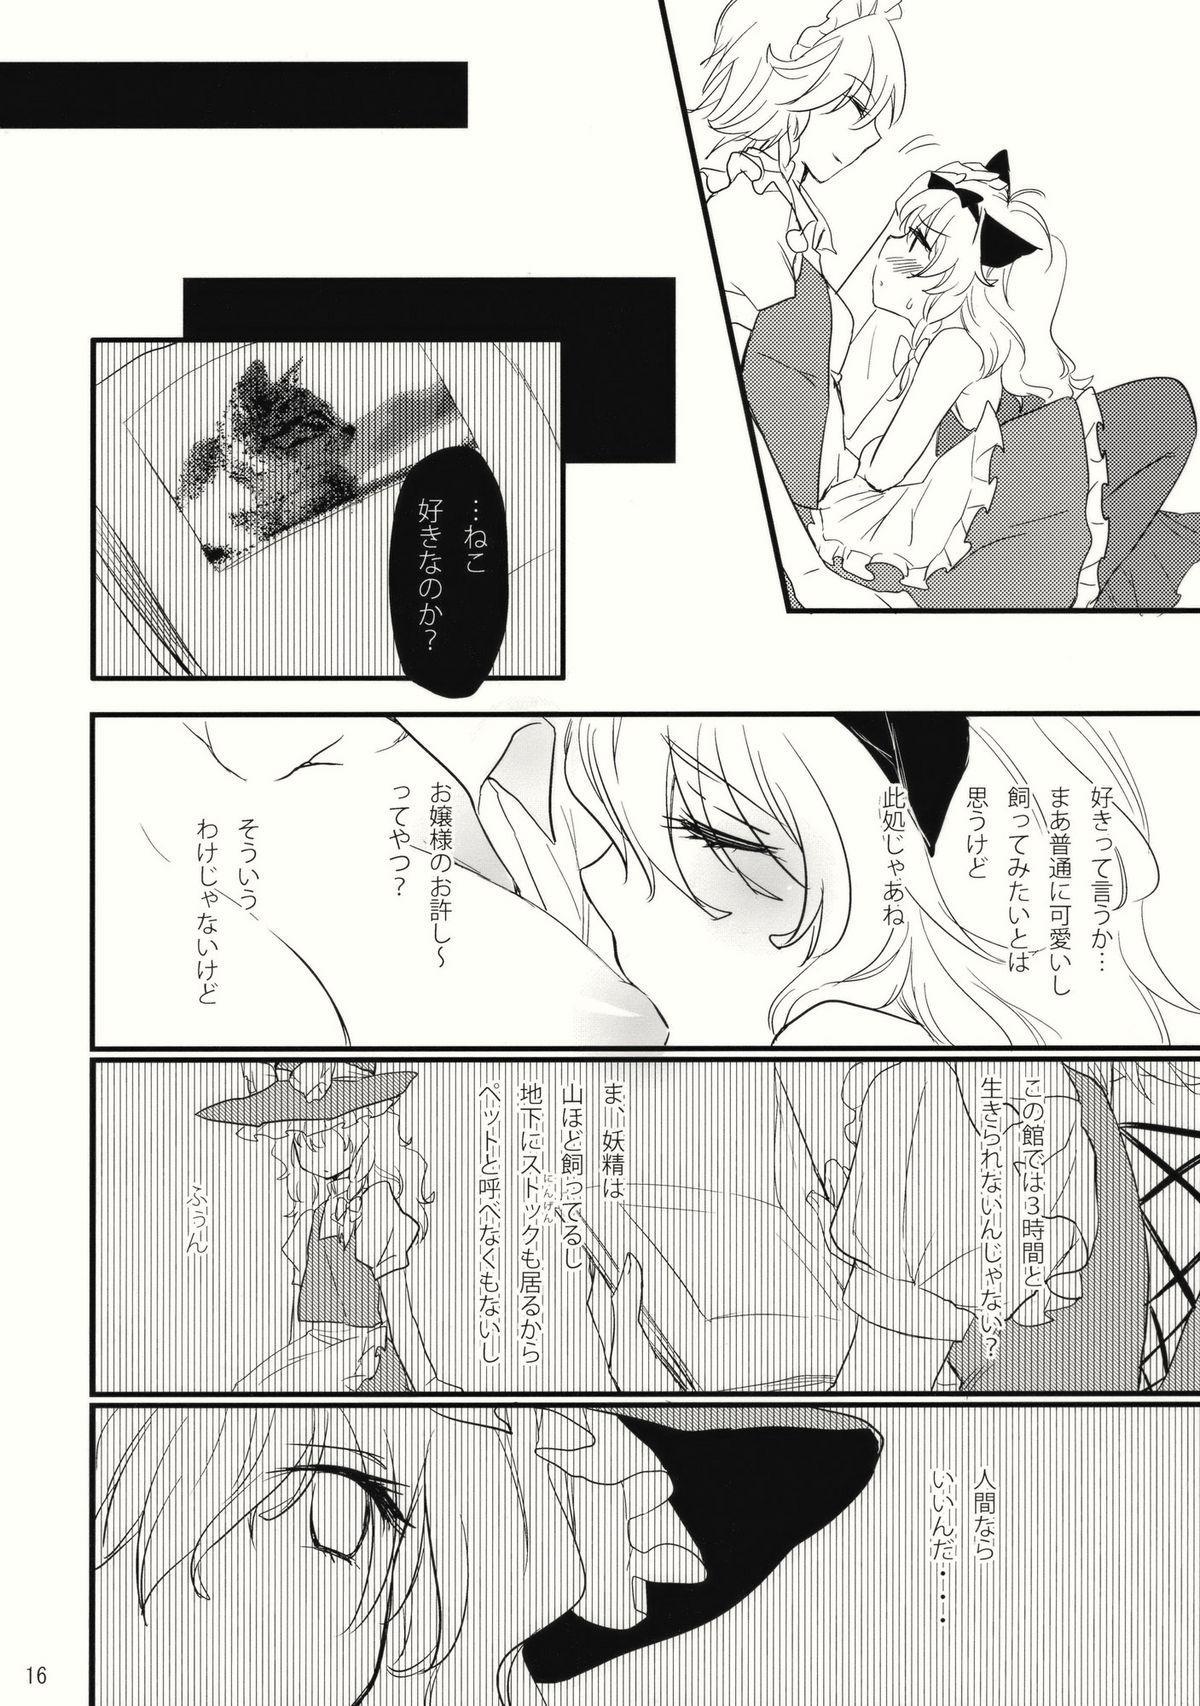 Kore Touhou de Yaru Hitsuyou Naku ne? 15